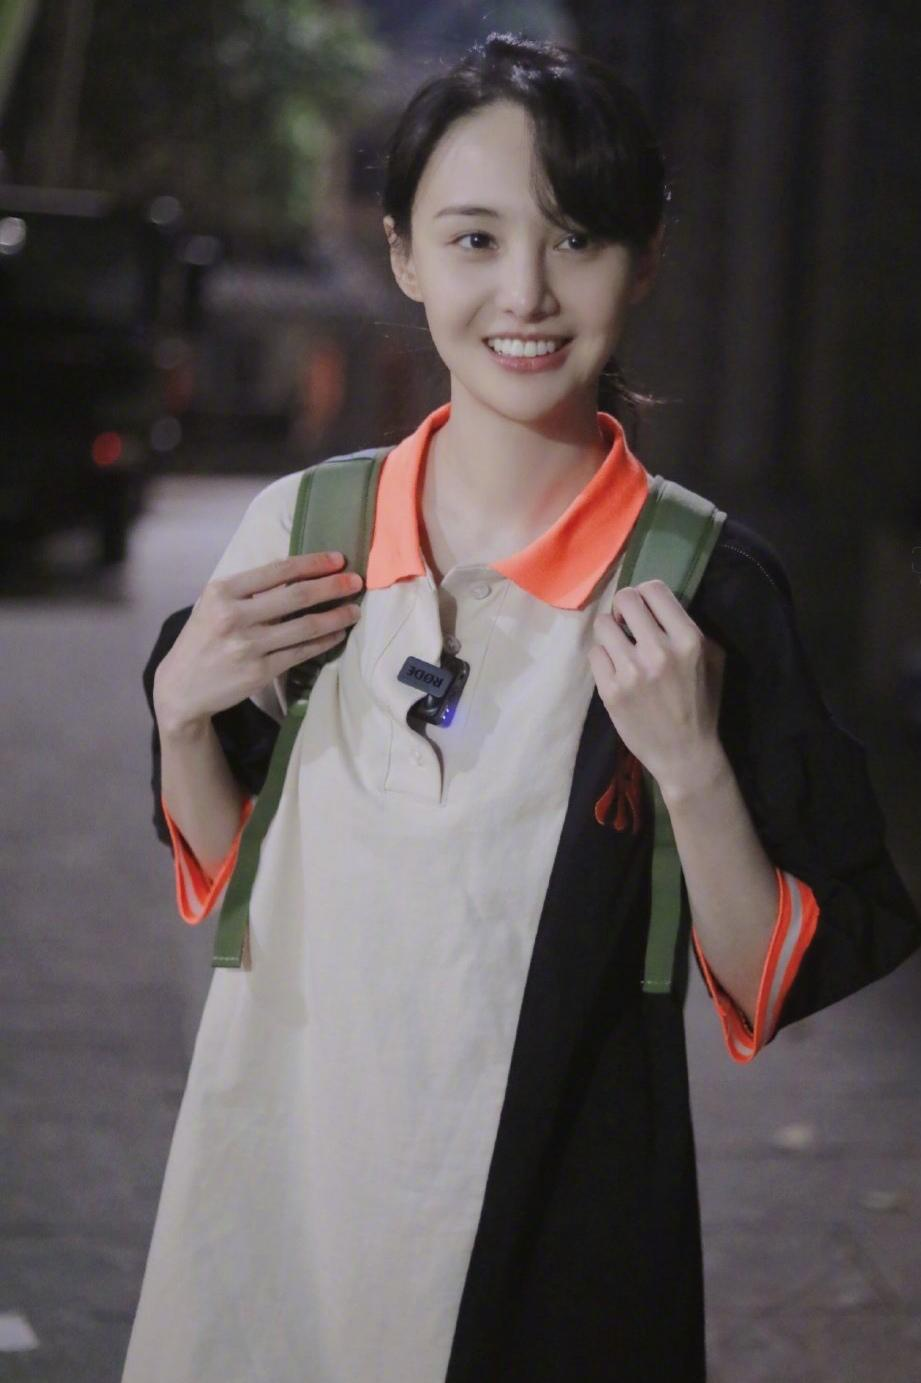 马天宇夏日简洁穿搭,时尚帅气,郑爽二次元少女装扮,减龄甜美